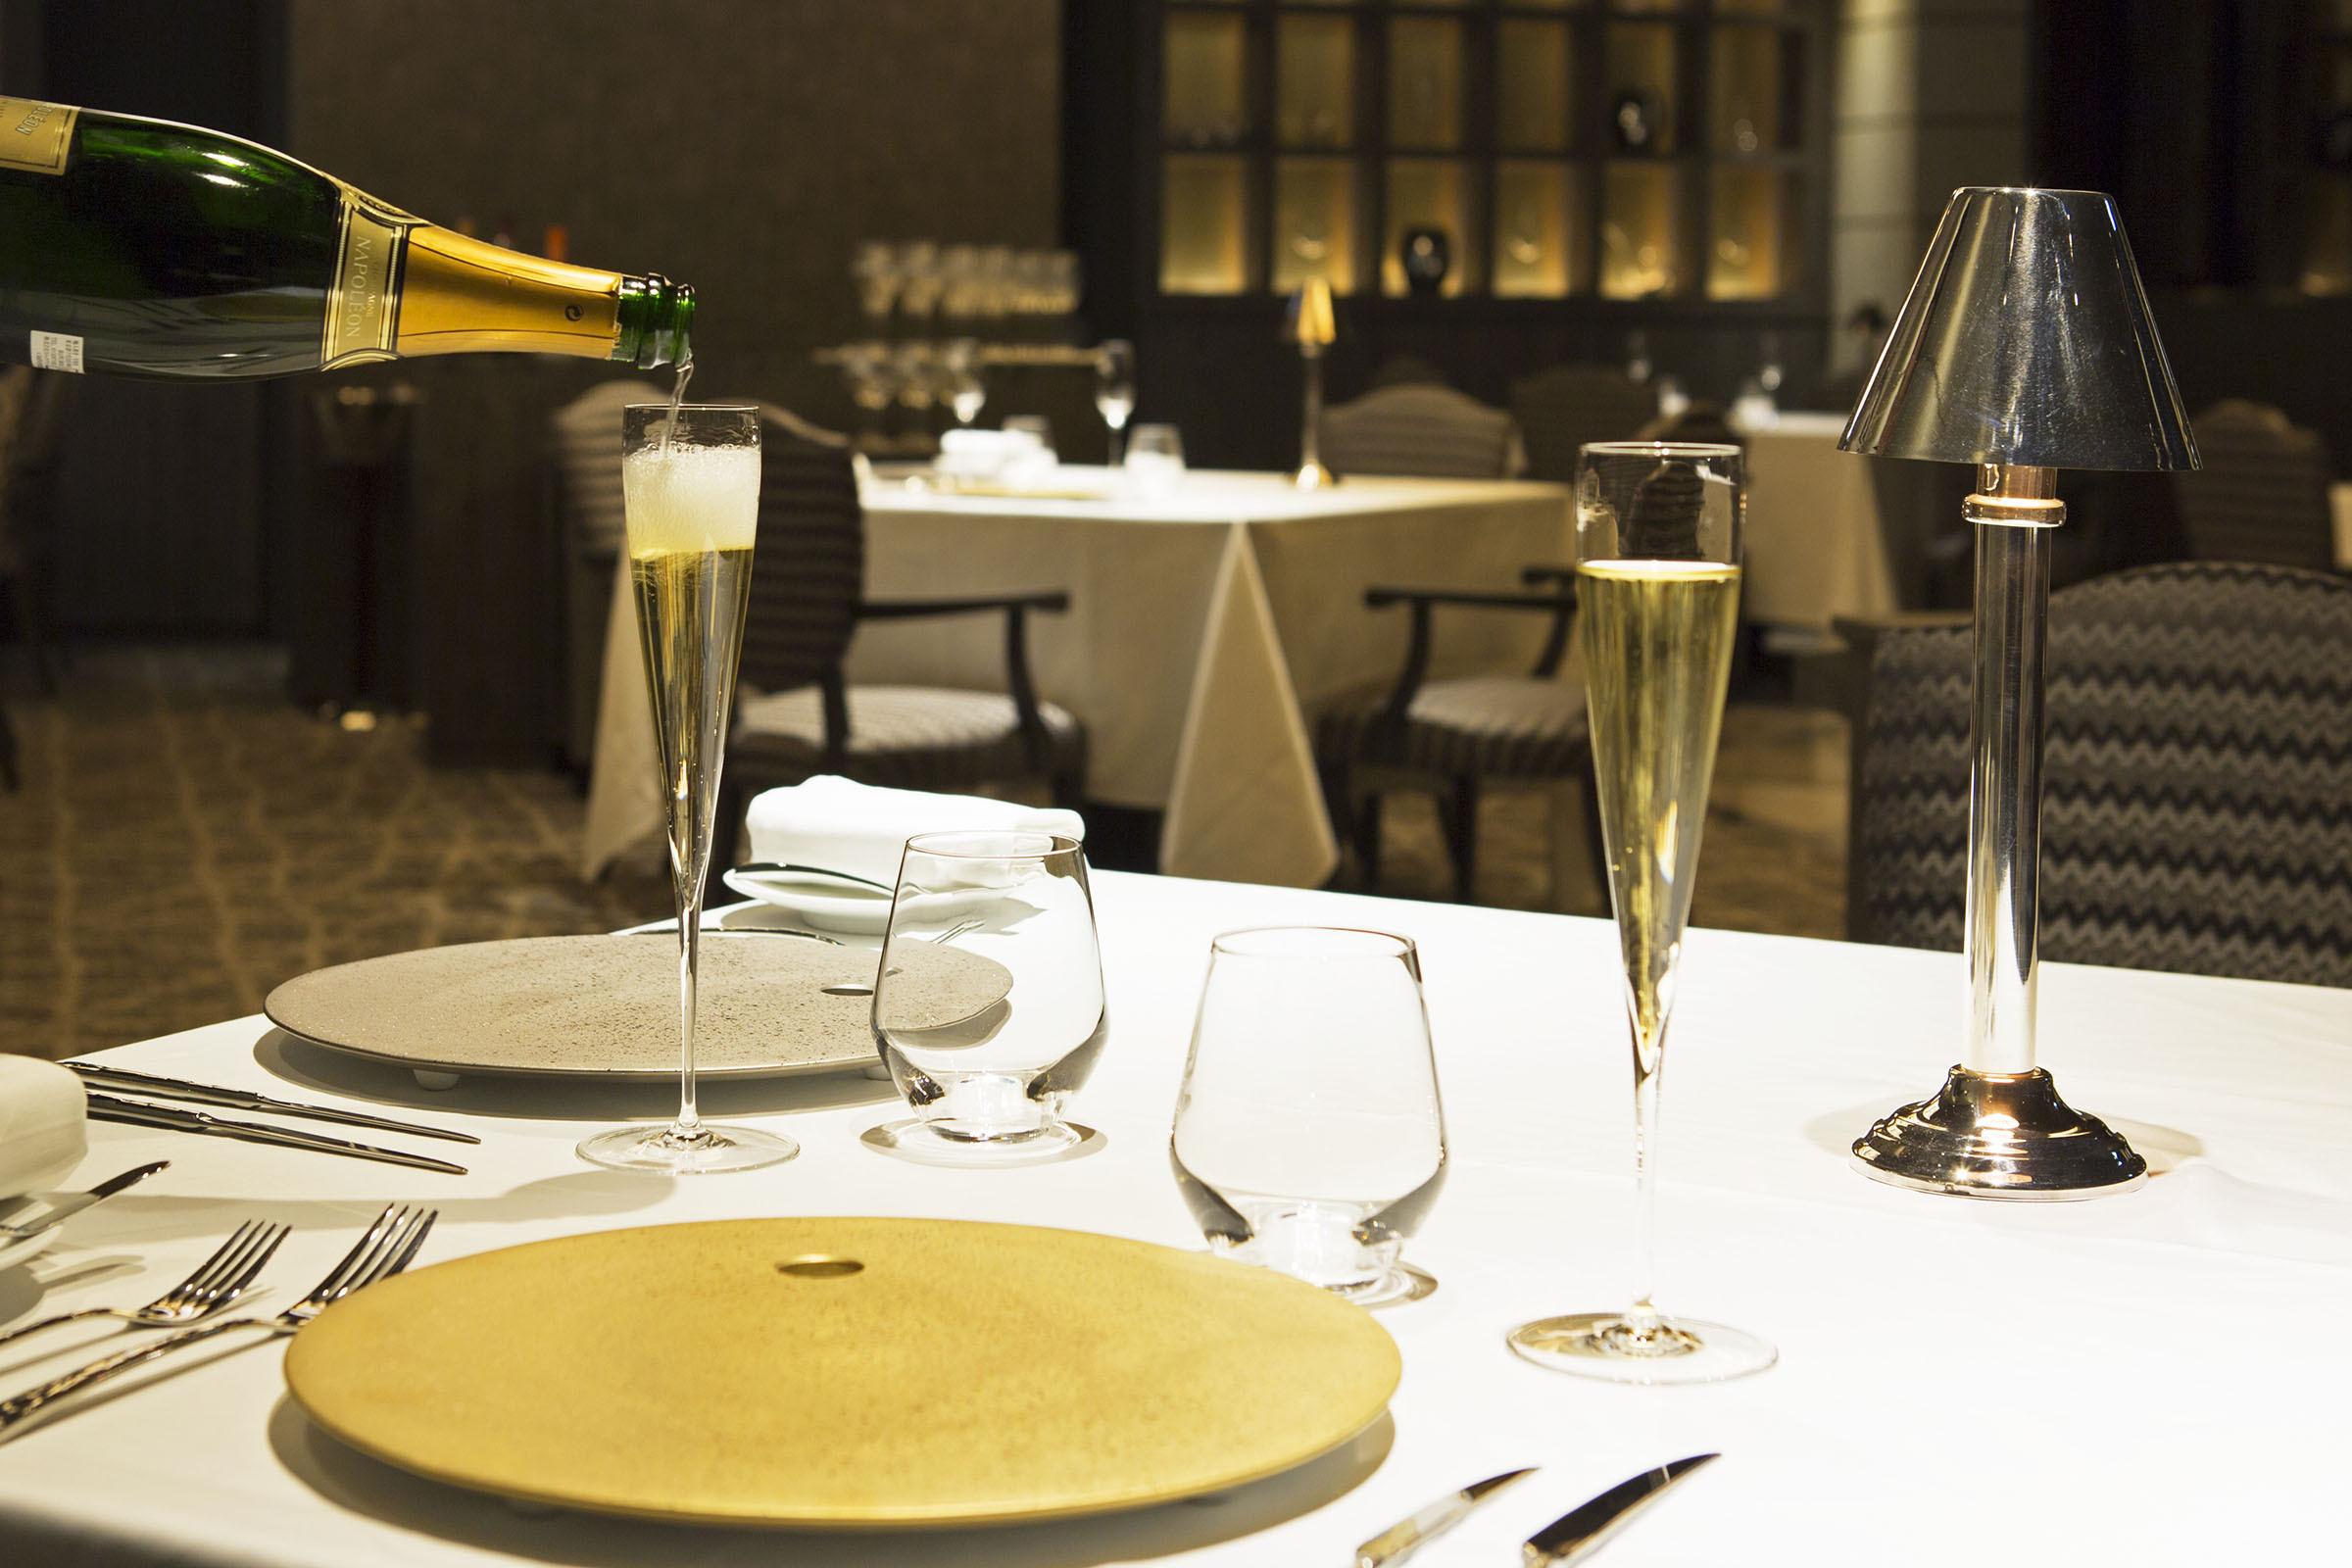 ソムリエが選ぶワインやシャンパンと共に料理を愉しむ